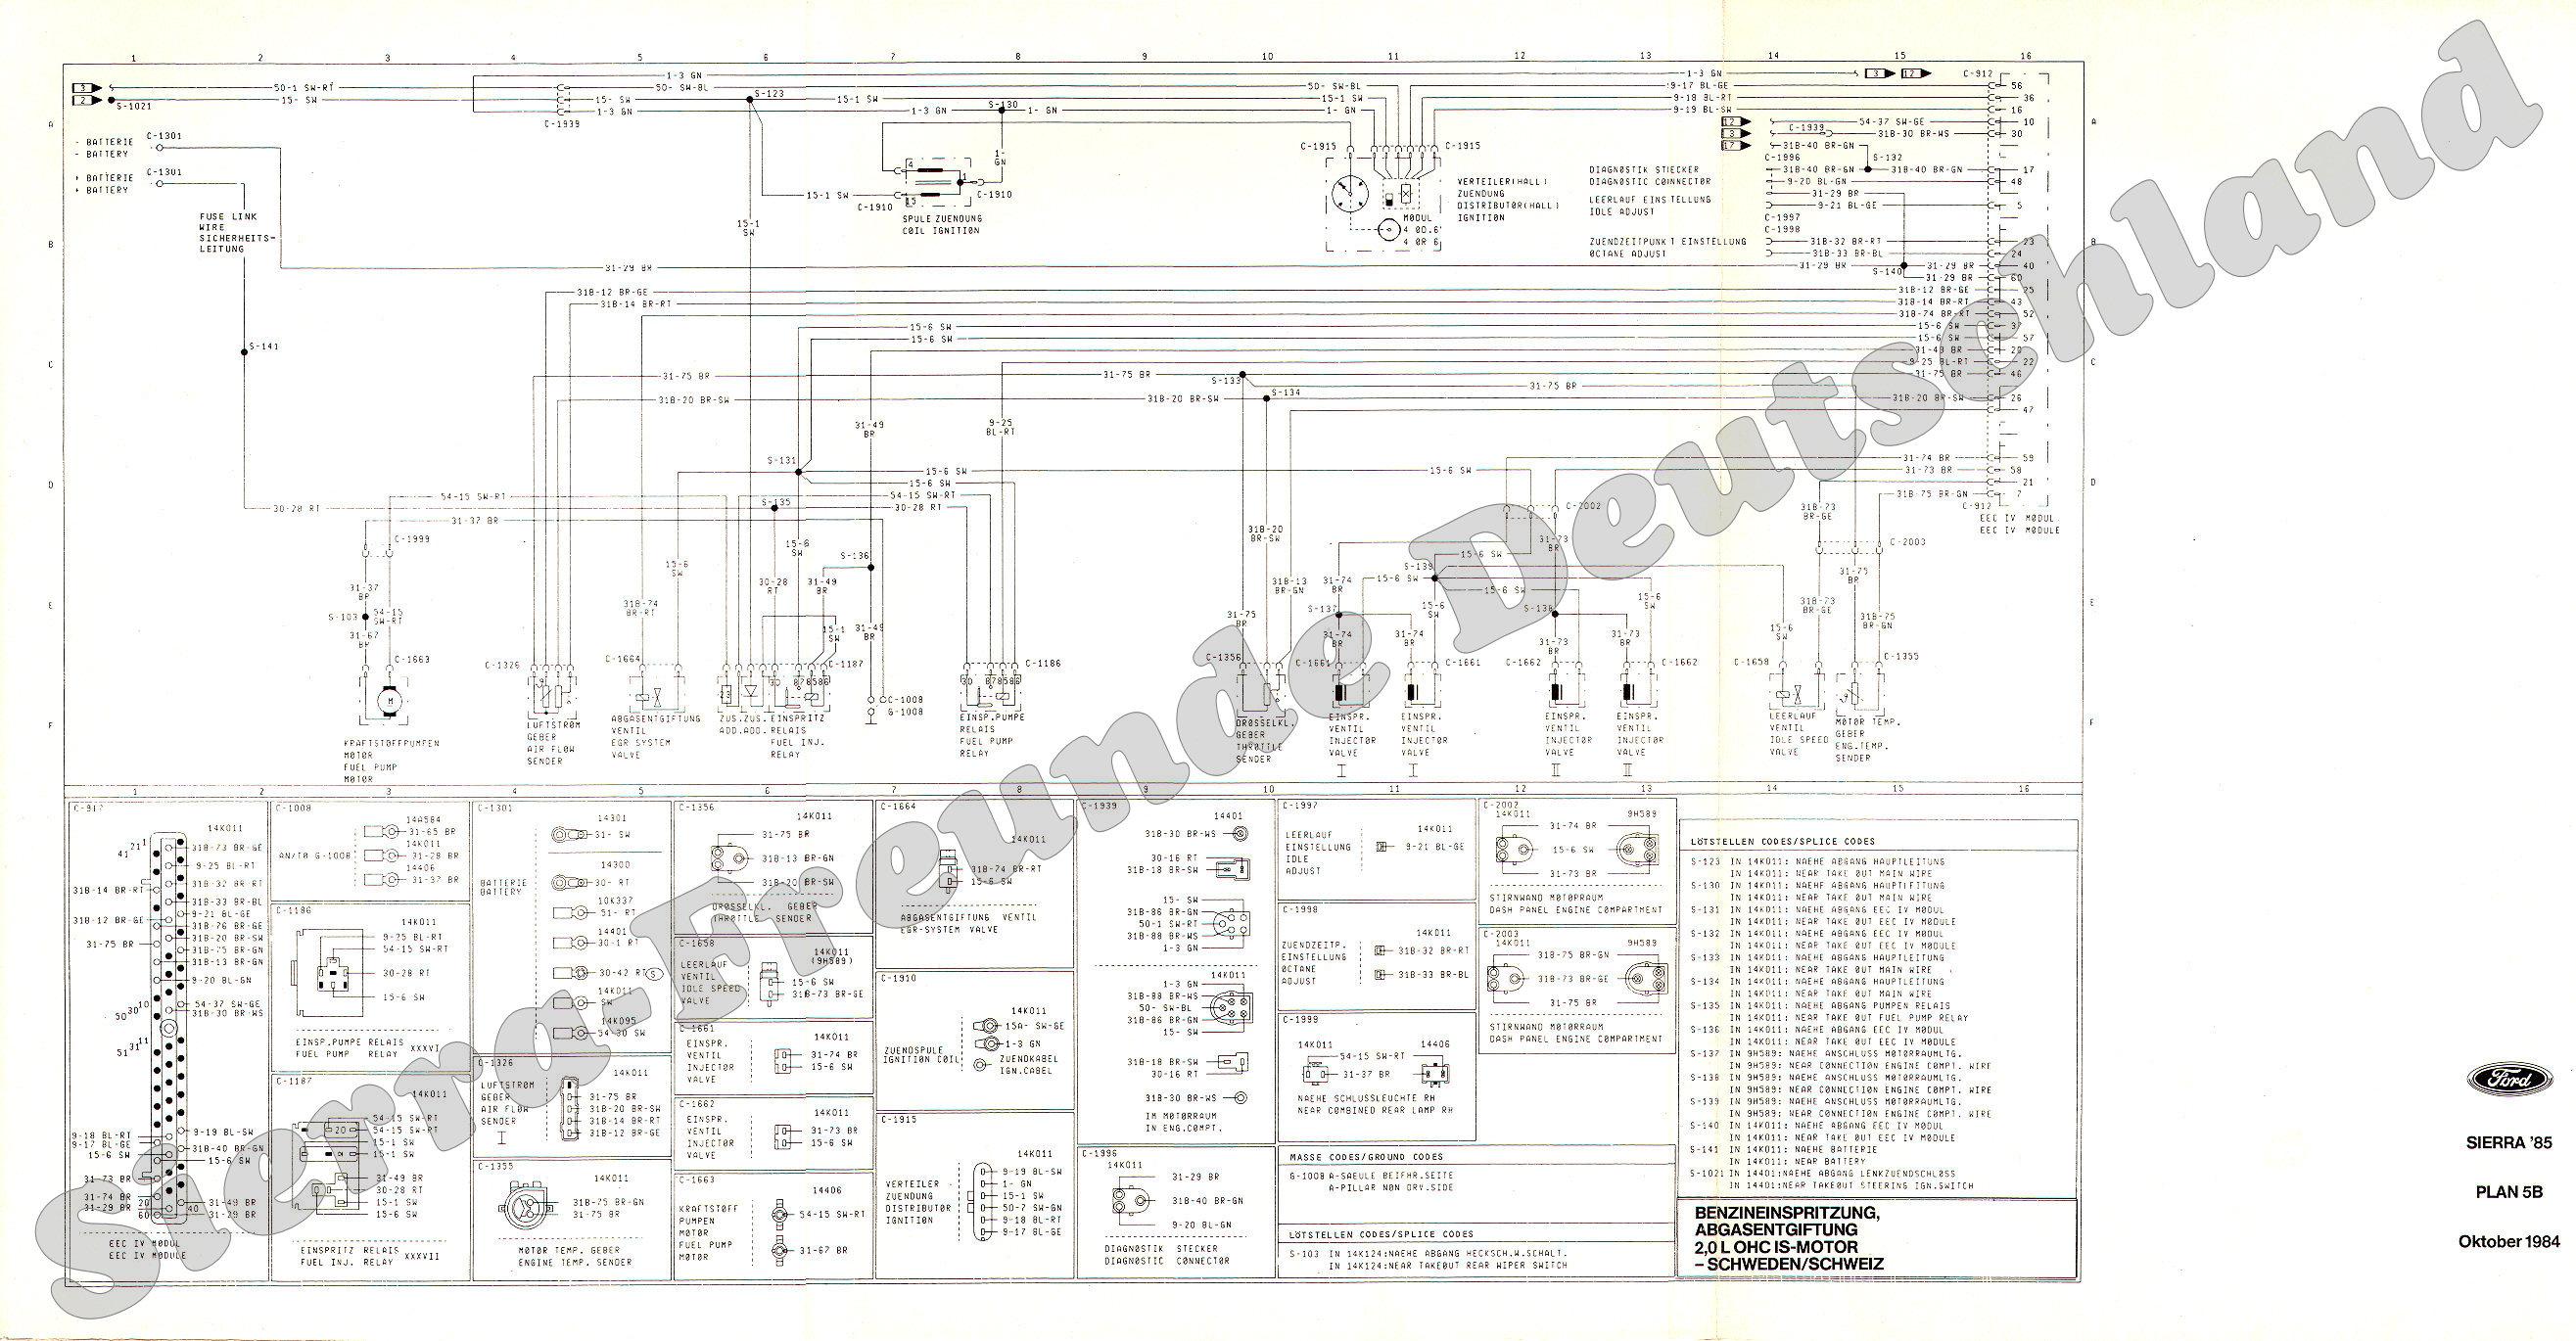 Berühmt 31 Ford Schaltplan Bilder - Der Schaltplan - greigo.com